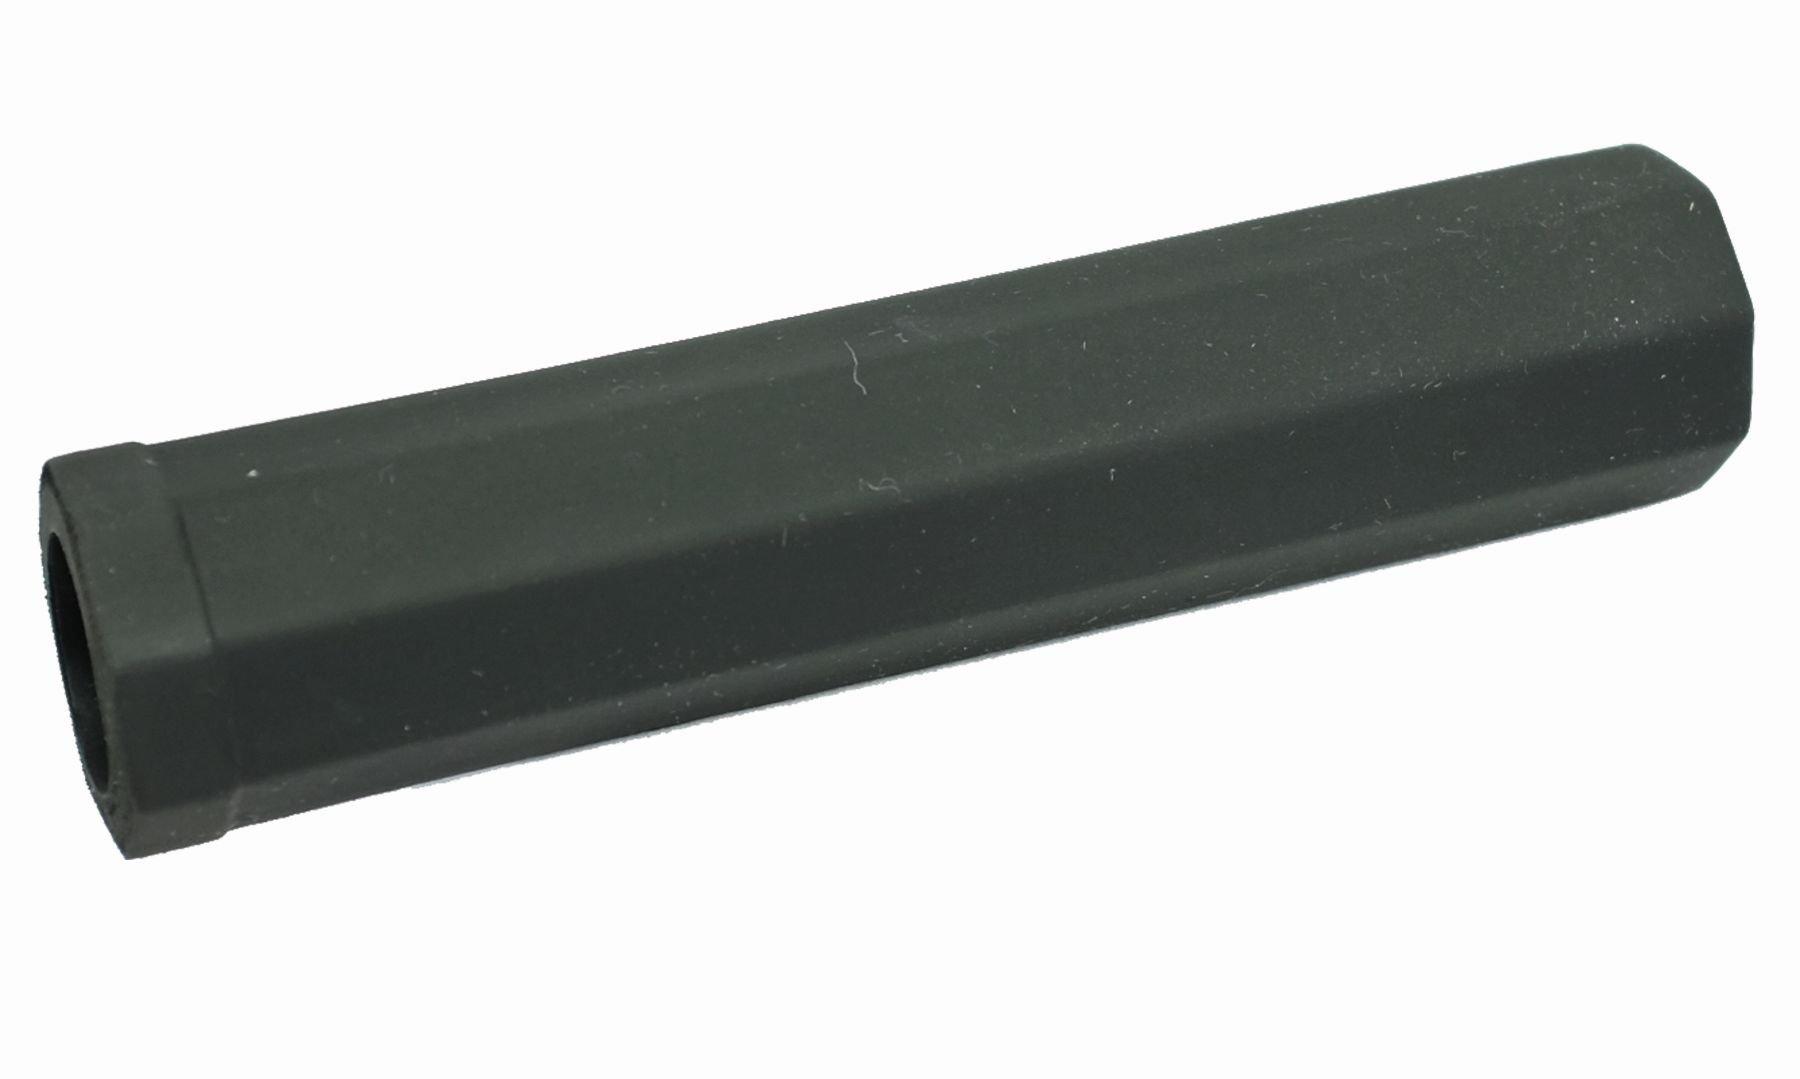 griffe/Lenker: KTM  Griff Prime Silikone 7 edges sw